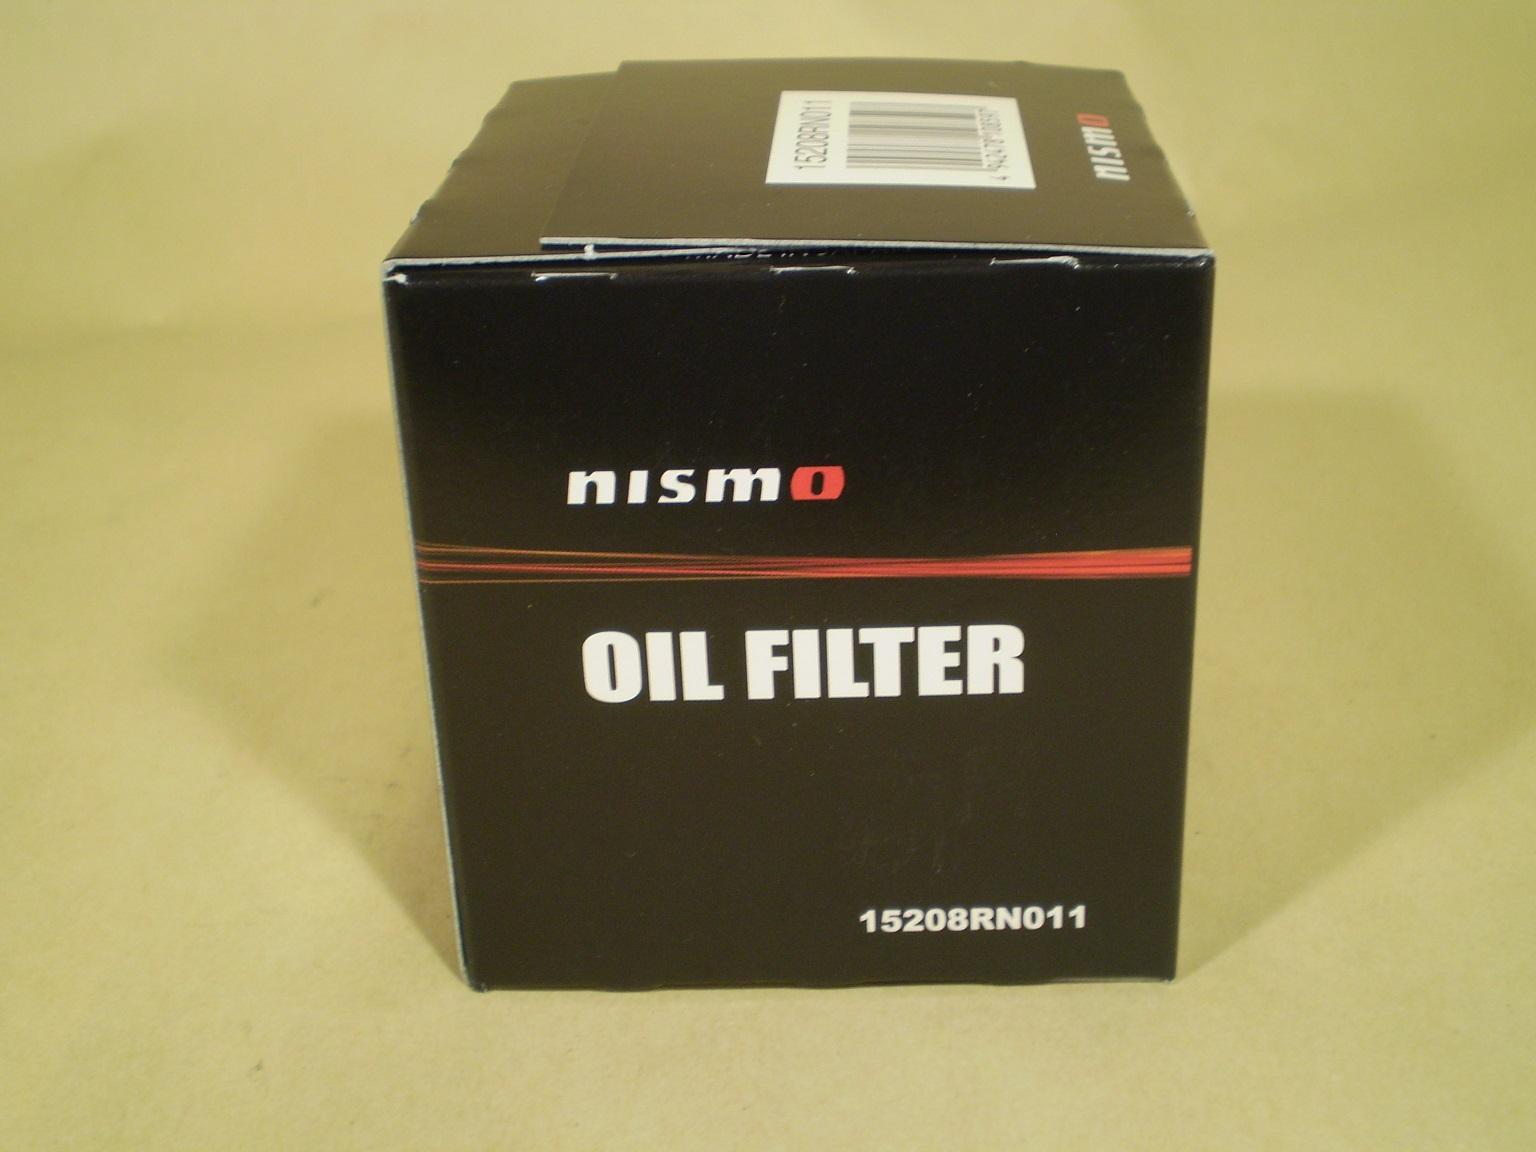 ニスモ オイルフィルター 卓抜 NS4 NISMO 限定品 oil 02P18Jun16 フィルター Filter オイル